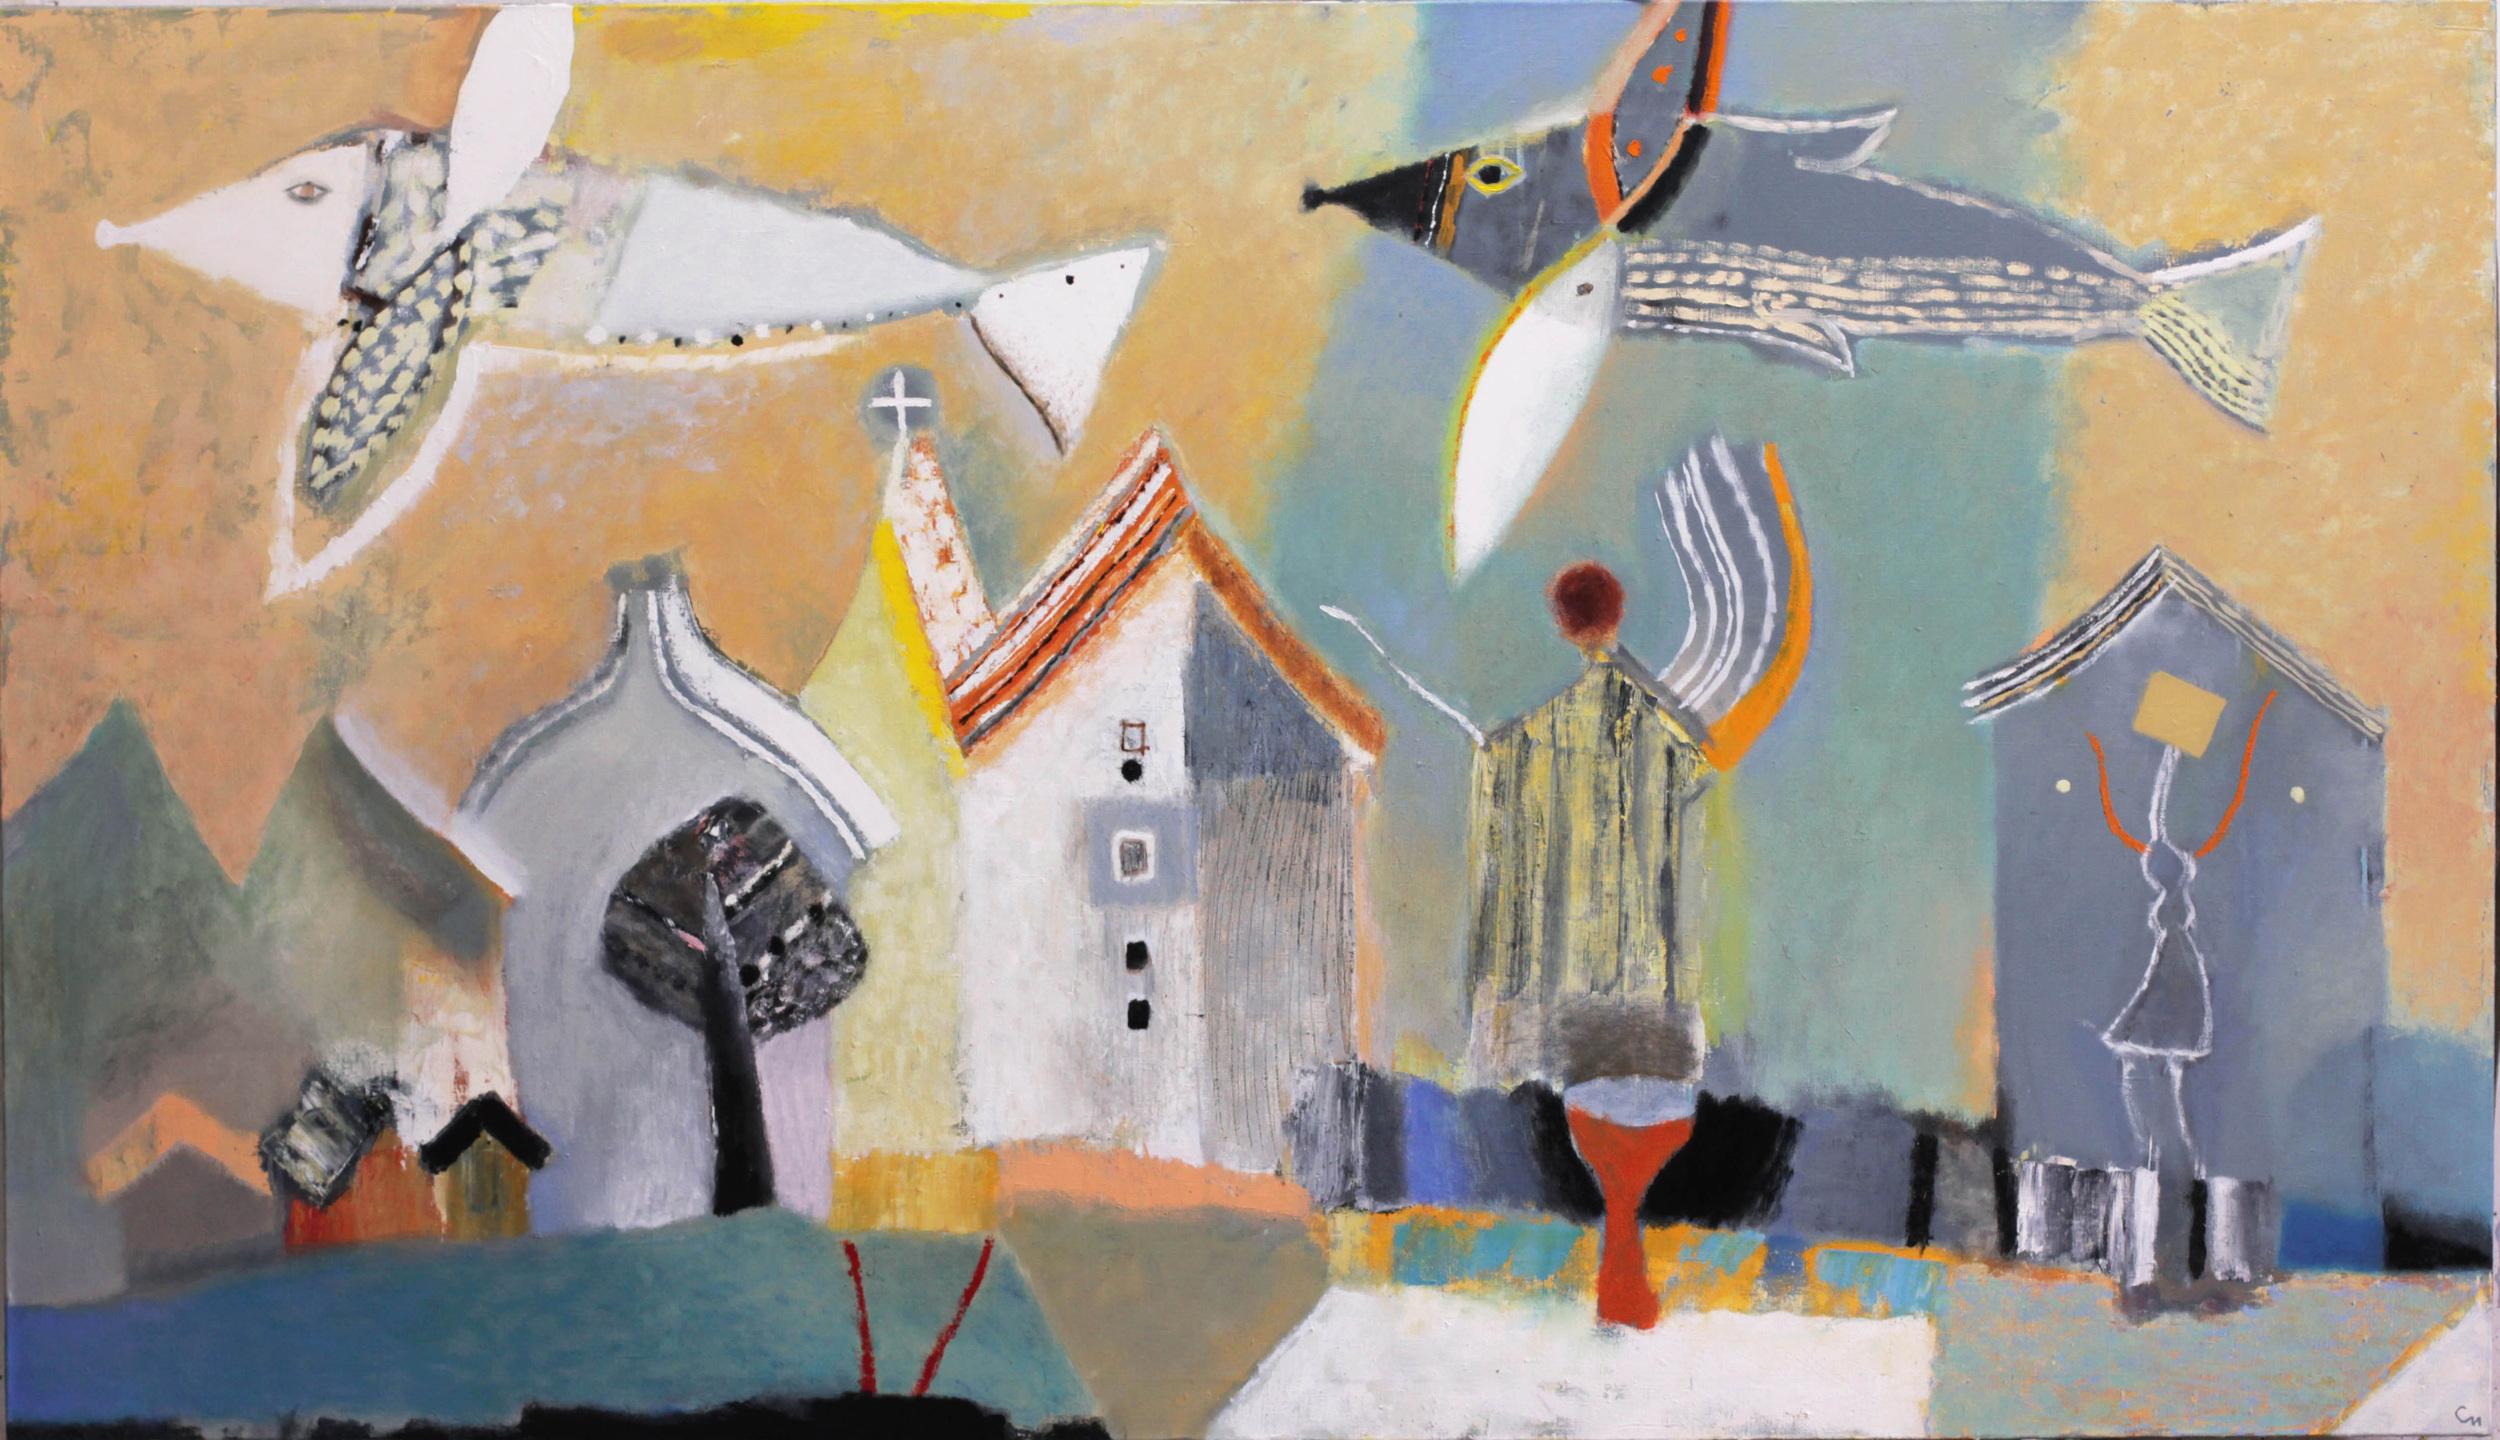 Flying over city X, 2014, Oil on Canvas, 65 x 37 in, (165 х 95 cm)